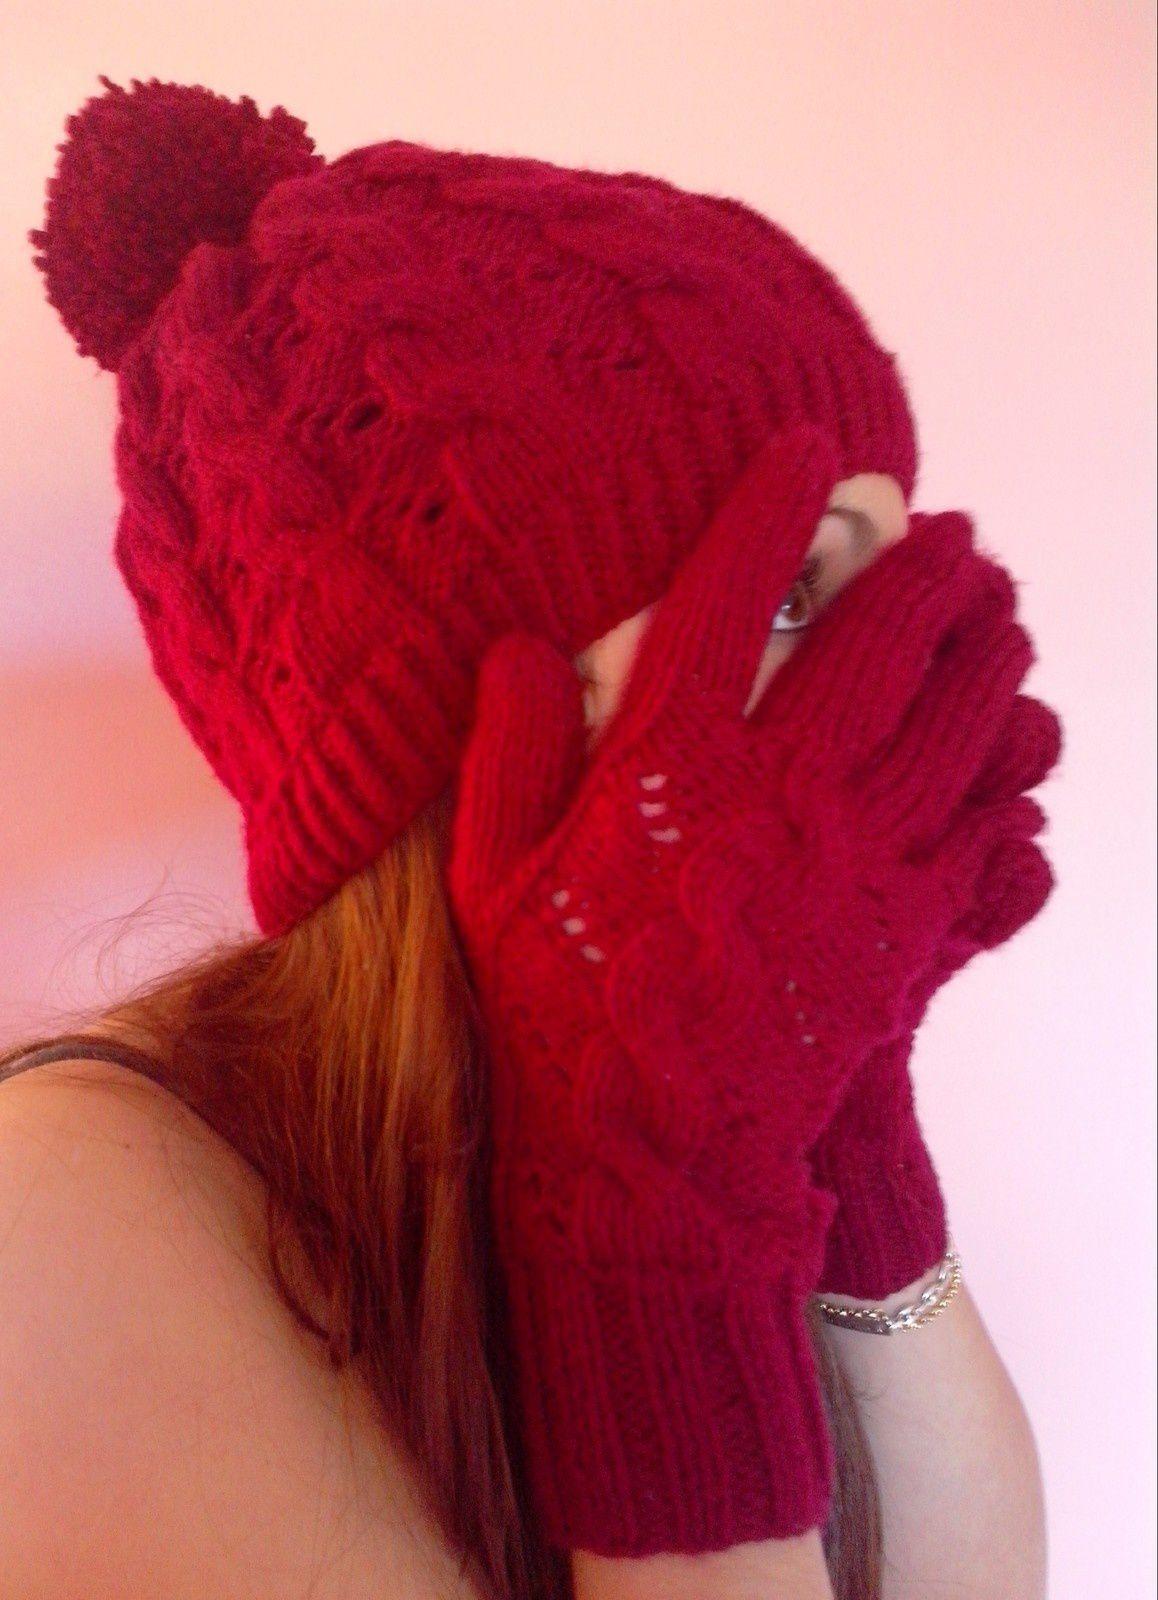 Pour les gants j'ai utilisé un patron de mitaines et ai ajouté des rangs pour les doigts et calé le motif sur 16 mailles sur le dessus de la main, le tuto est dans les explications du bonnet d'hermione. Quand au col j'ai pris un fil double de laine en 5 et j'ai fait un répétition du point faintaisie du bonnet. La longueur reste au choix :)